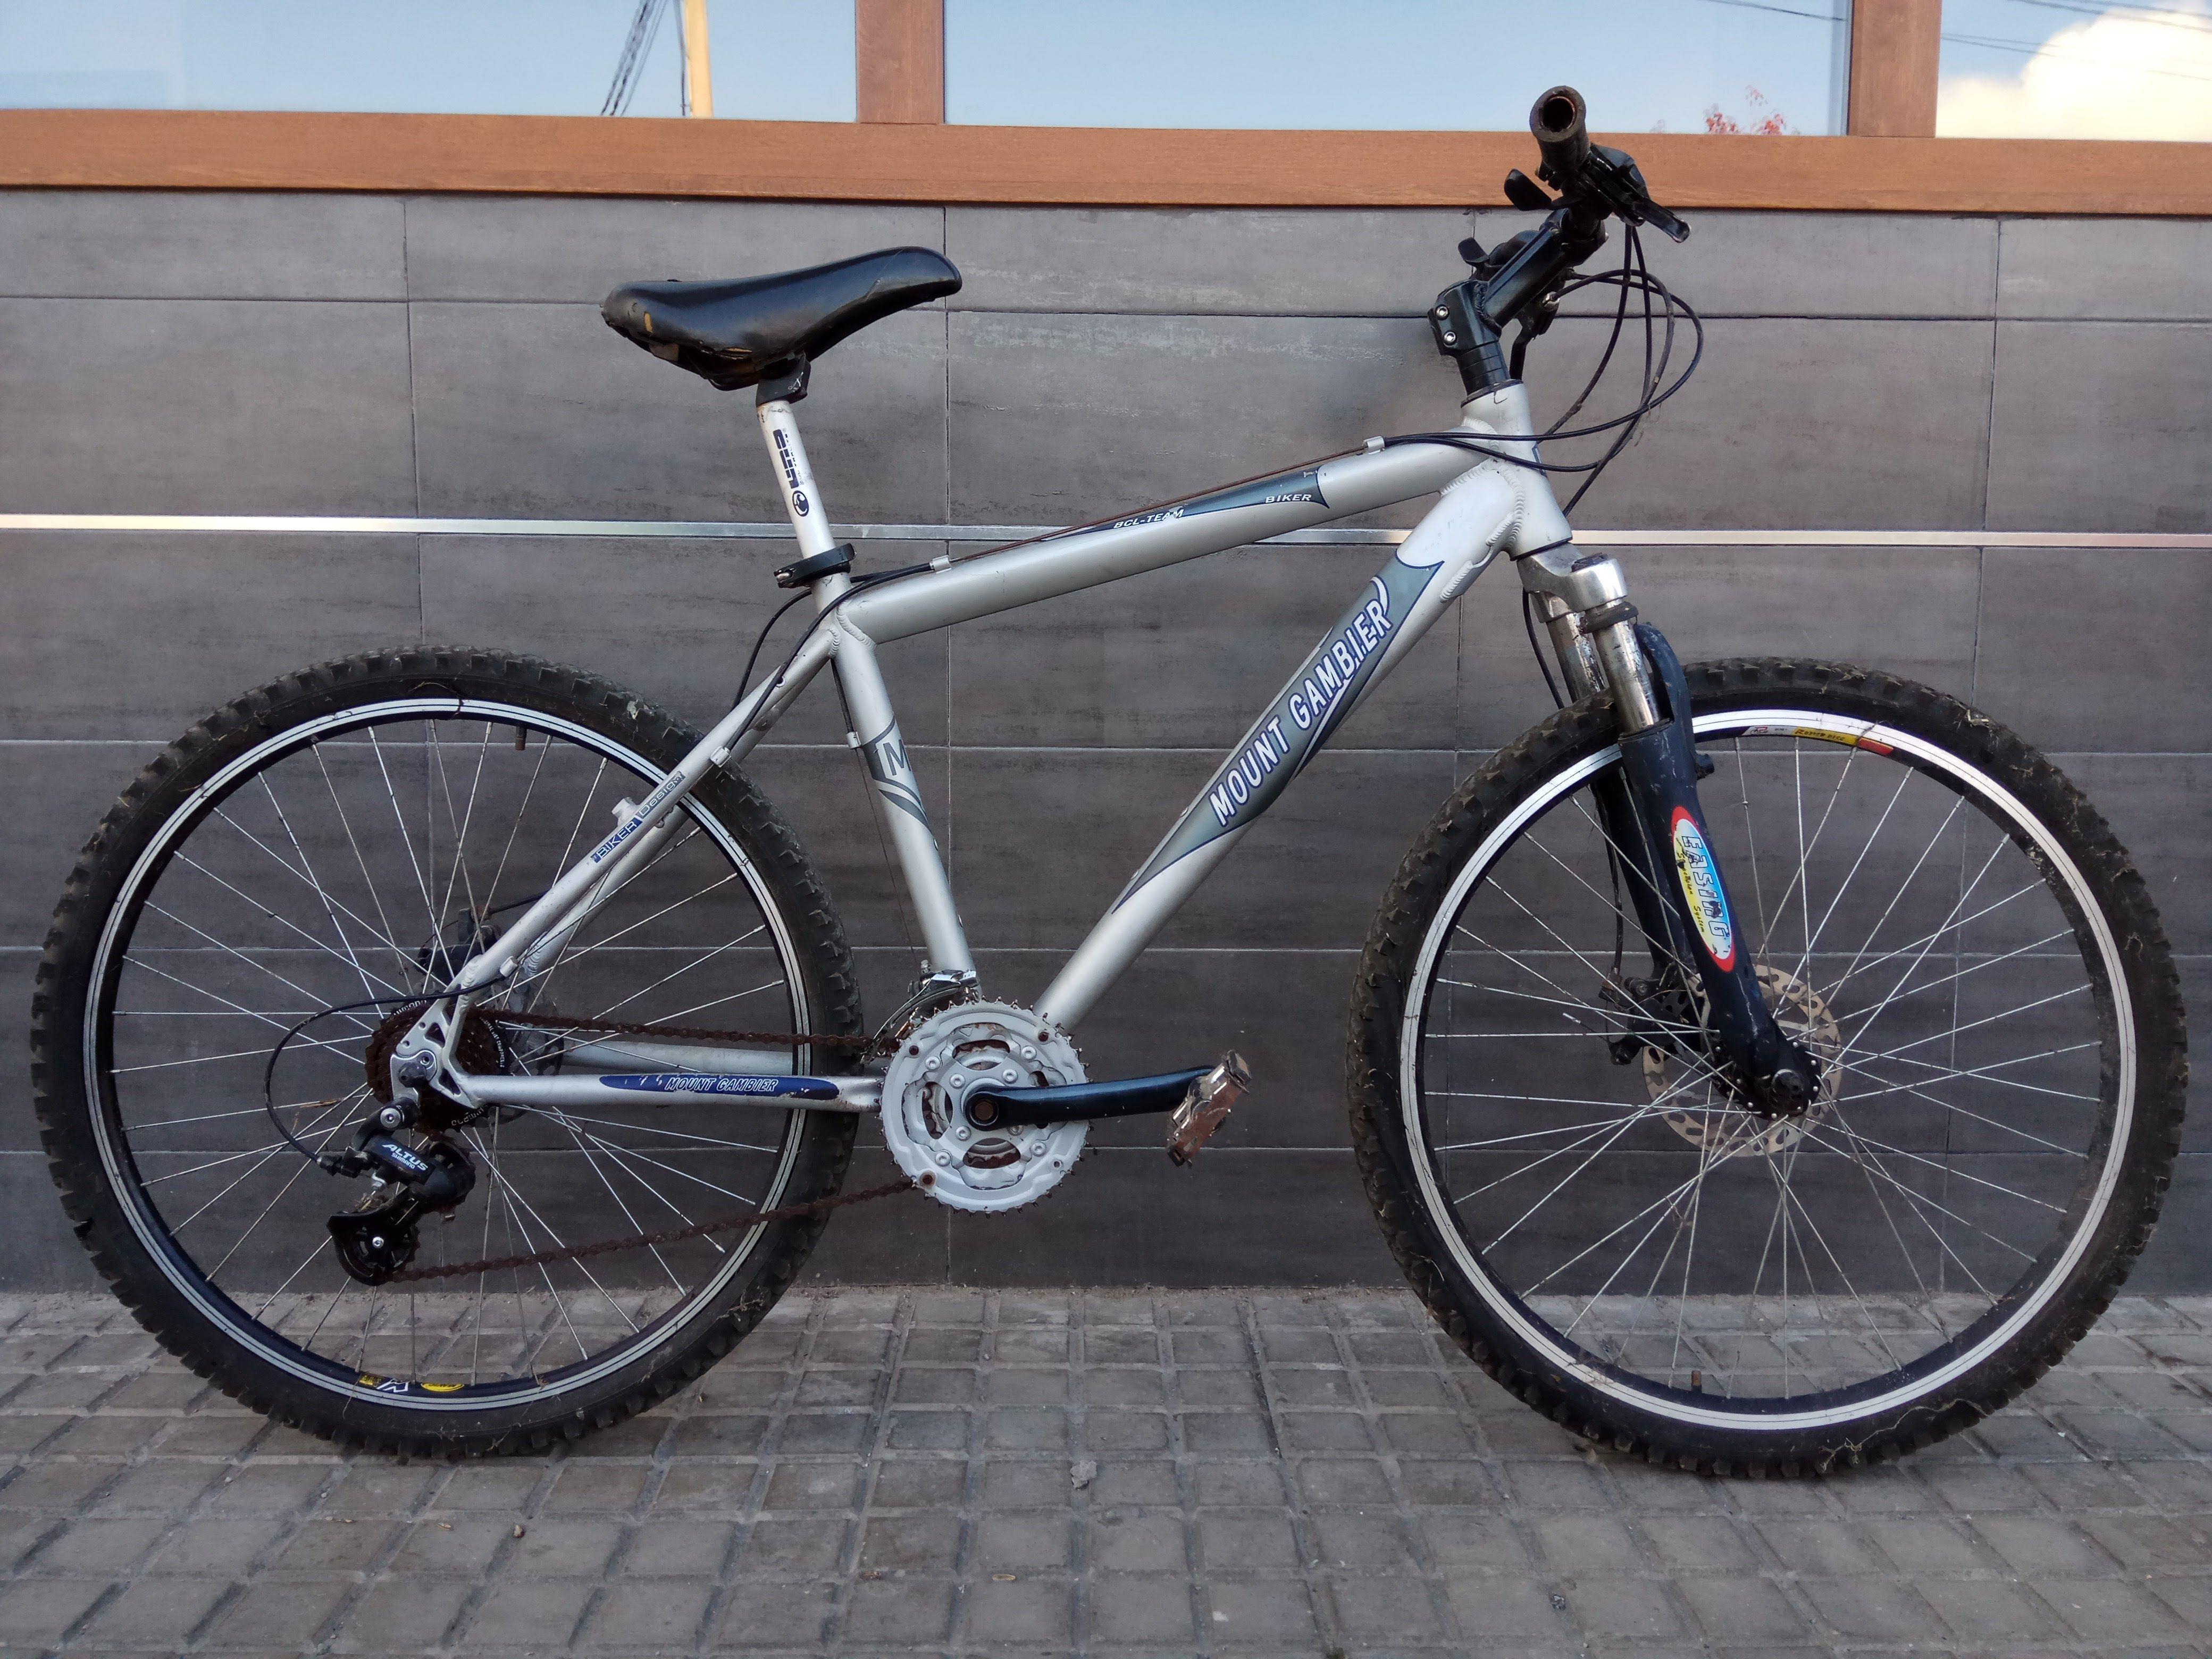 Bicicleta con Frenos de Disco 100€ MARCA: Mount Gambier MODELO: Blc ...